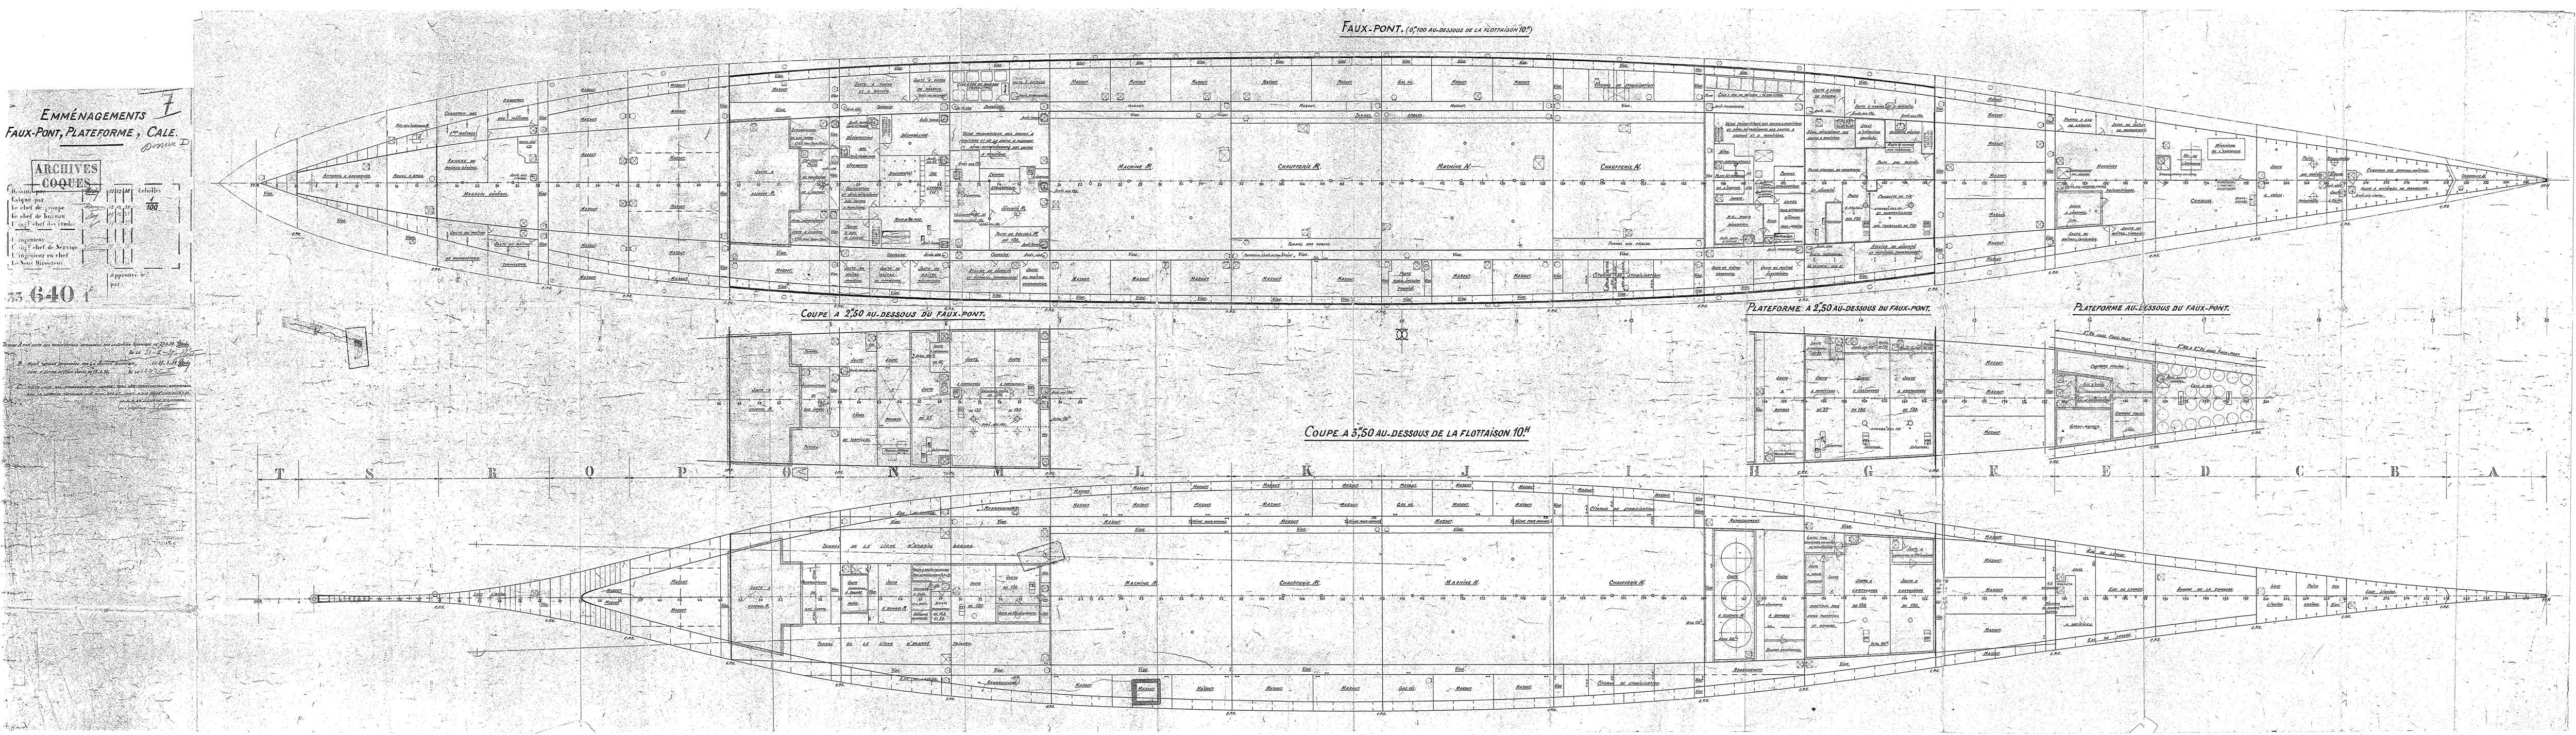 高卢:为震慑德国而生,侧置甲板的伟大探索,被希特勒毙掉的霞飞